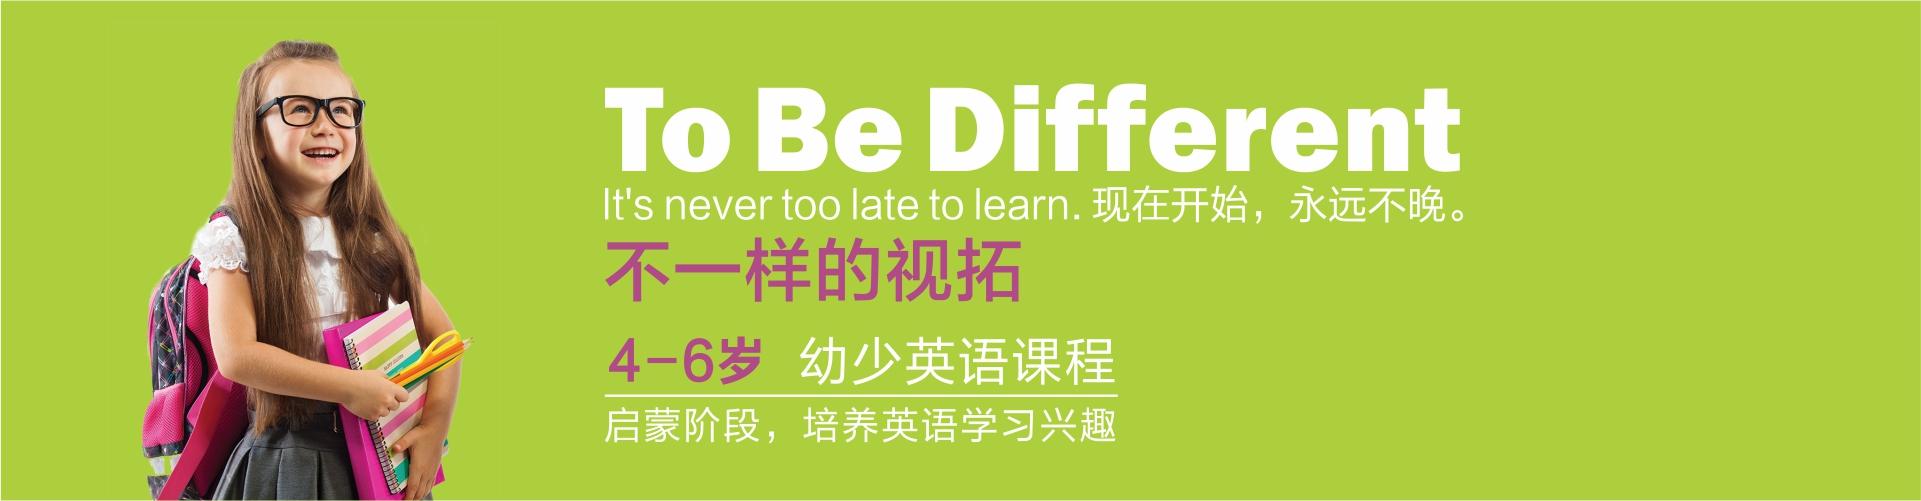 重庆学少儿英语哪家好